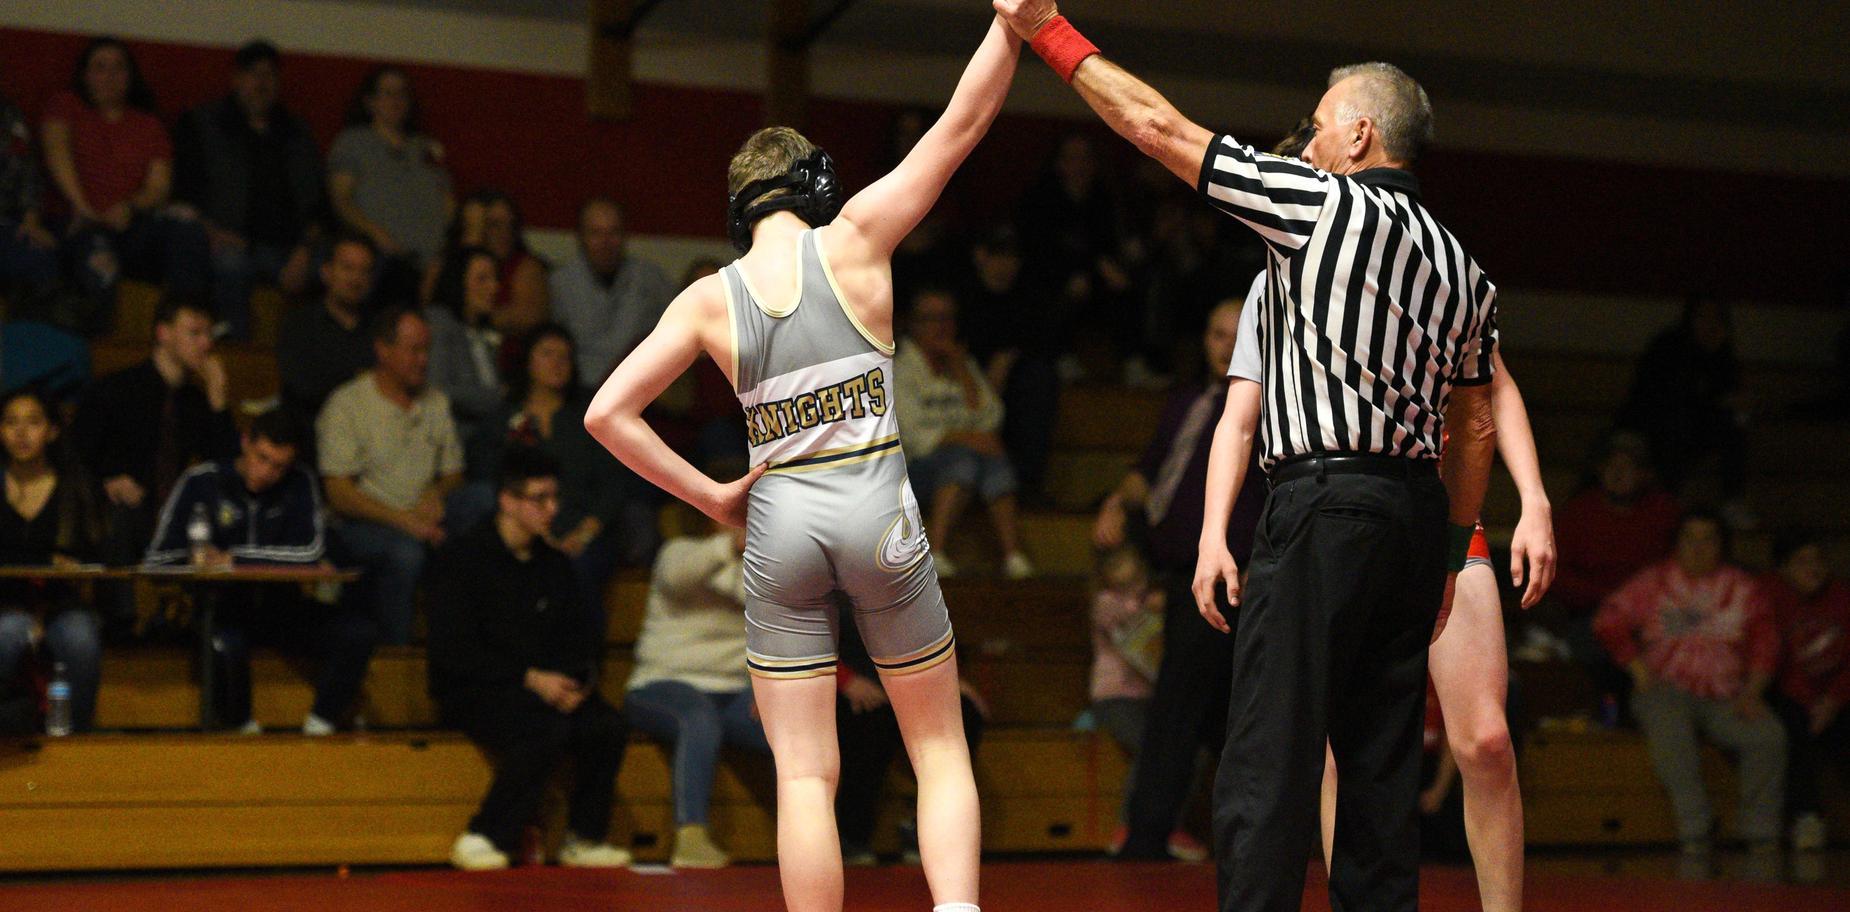 Knoch wrestler in win pose